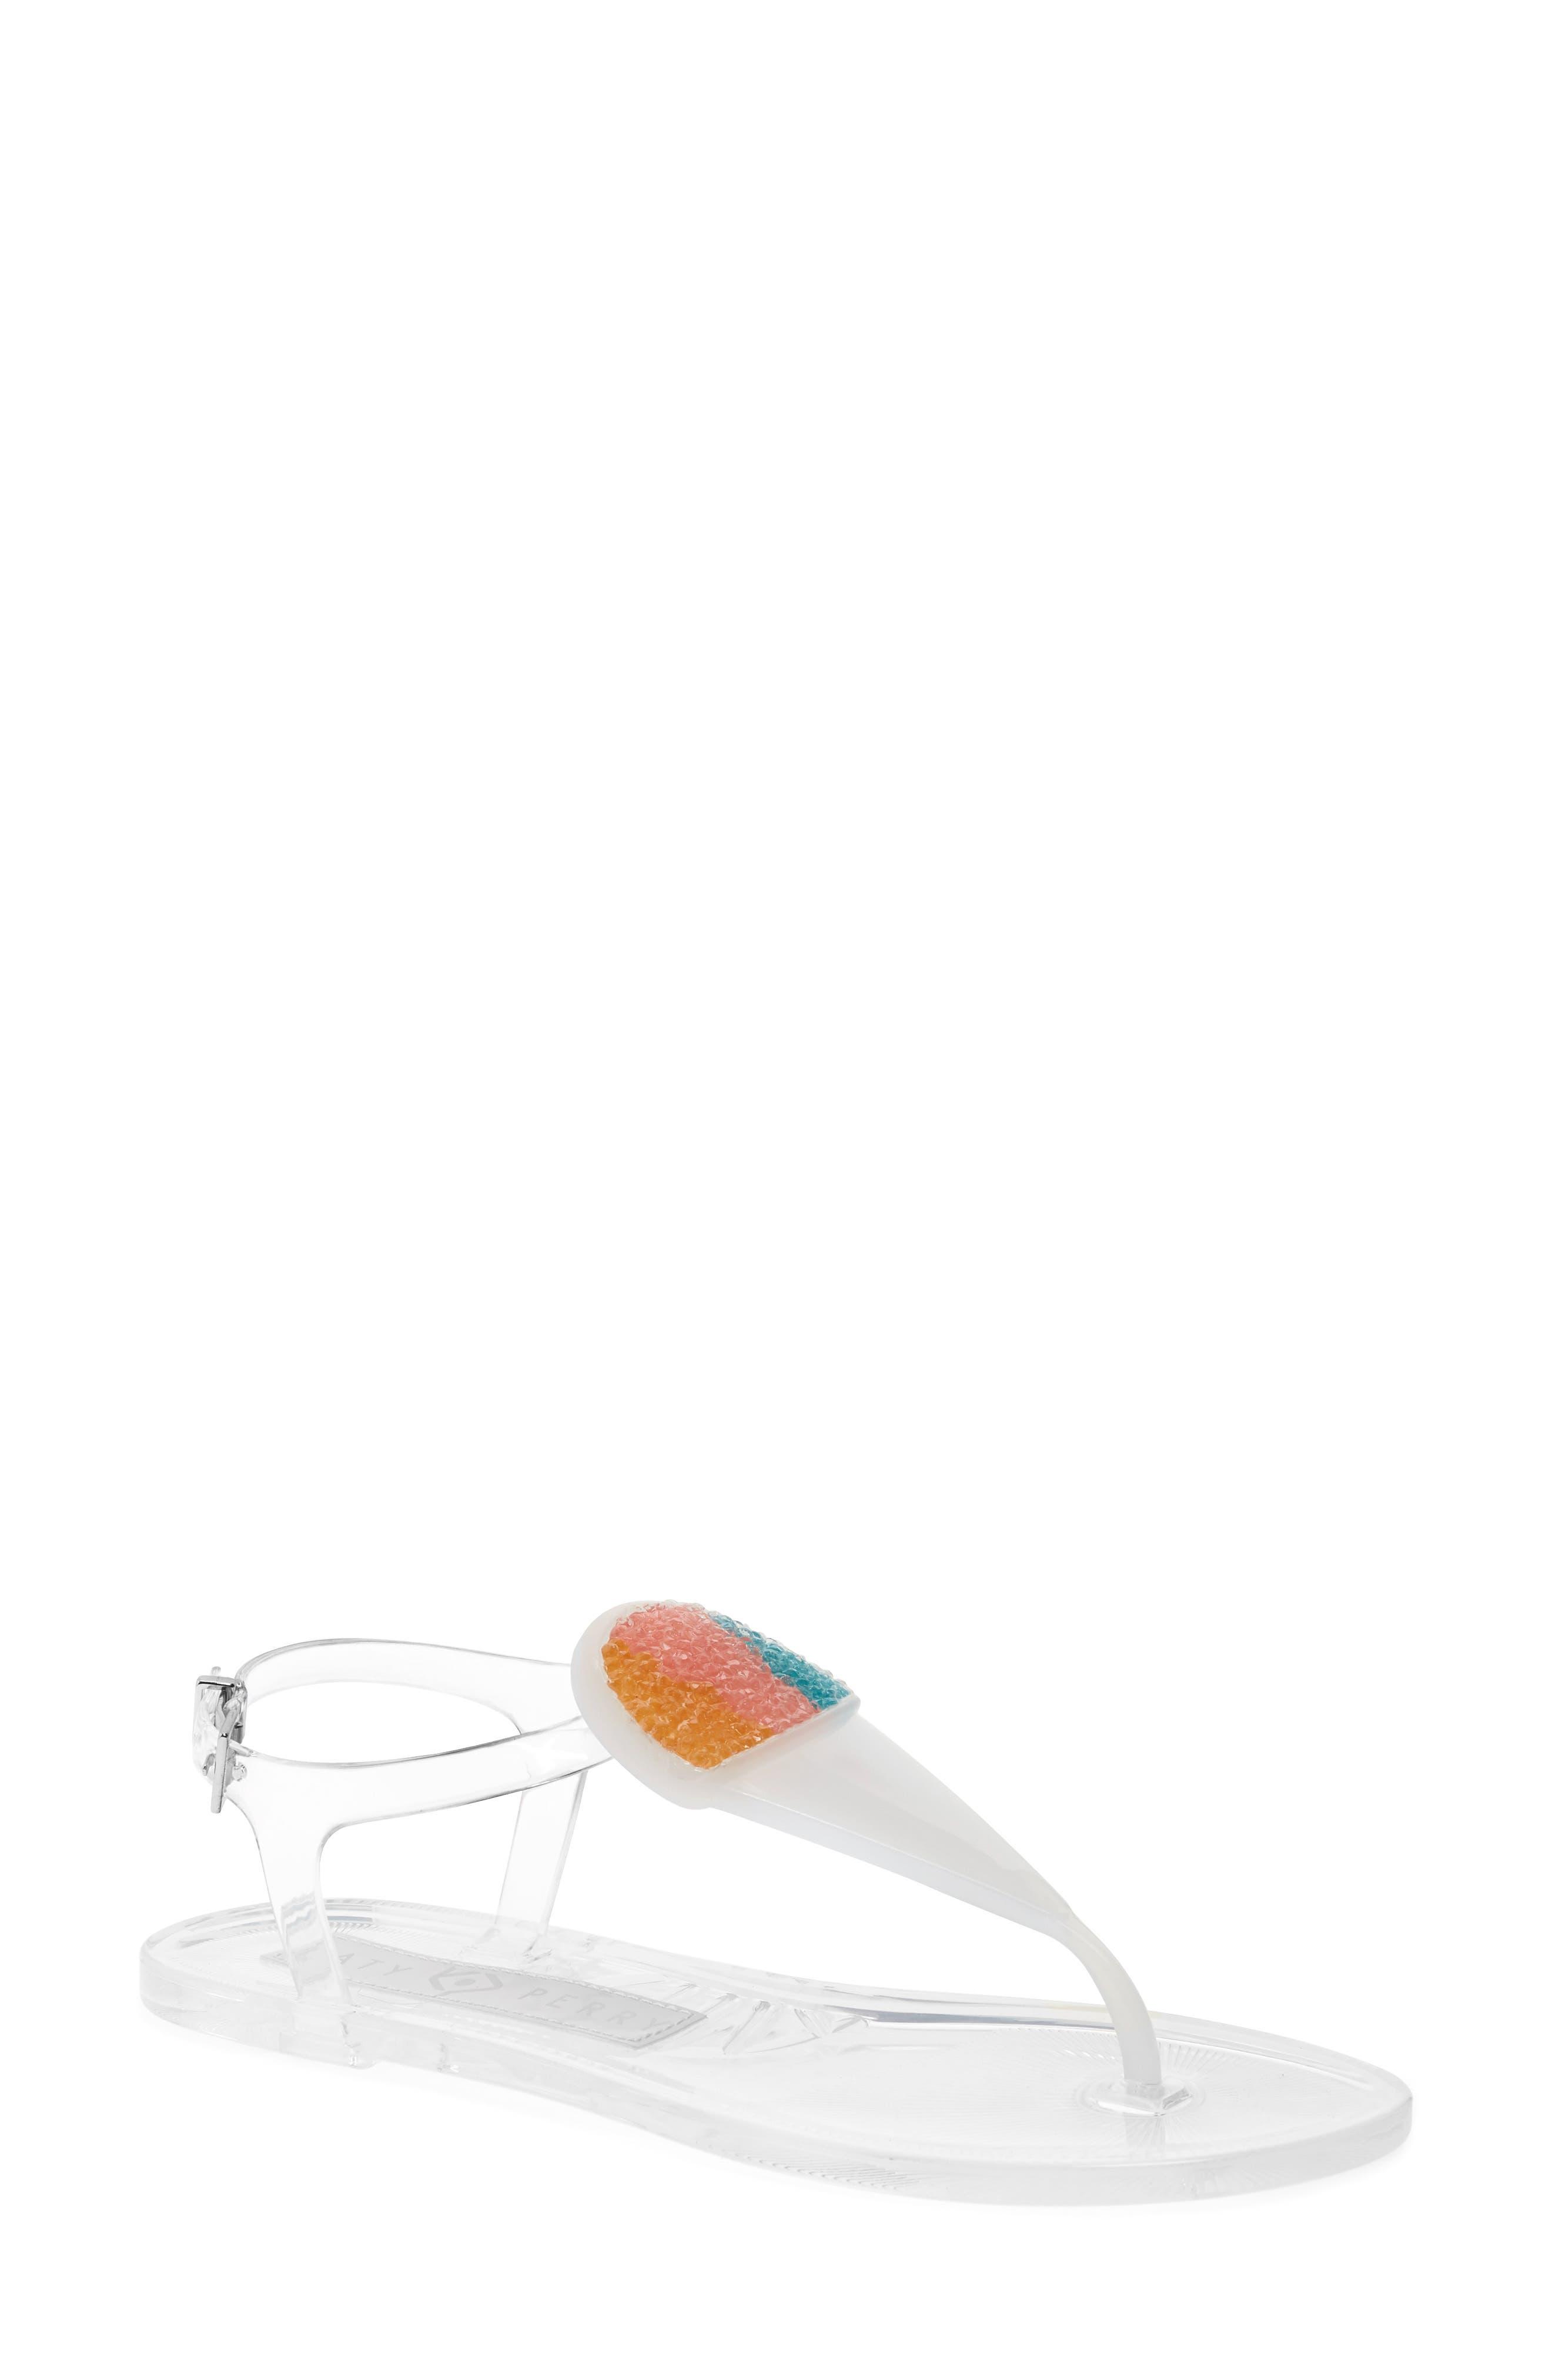 Geli Sandal,                         Main,                         color, Clear